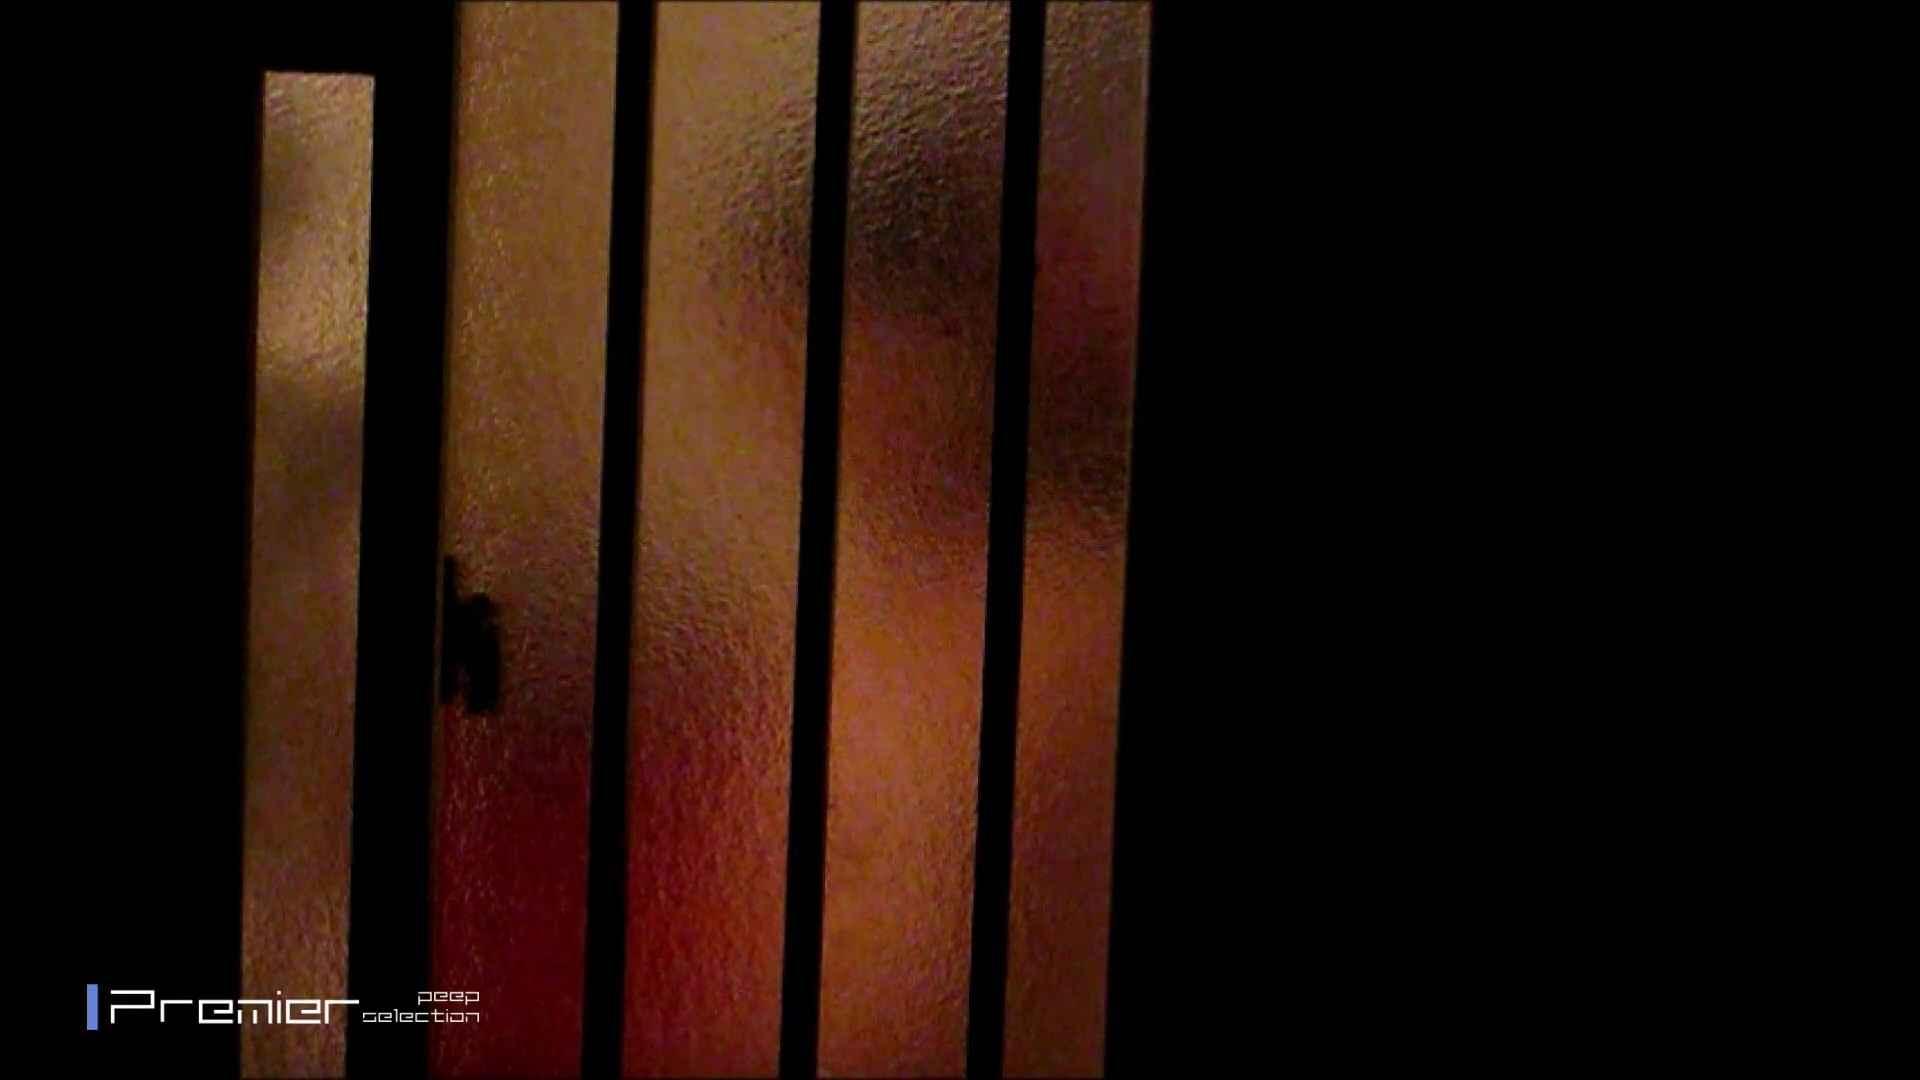 スレンダー美女の桃色乳首 乙女の風呂場 Vol.09 盗撮 オマンコ動画キャプチャ 77PIX 51